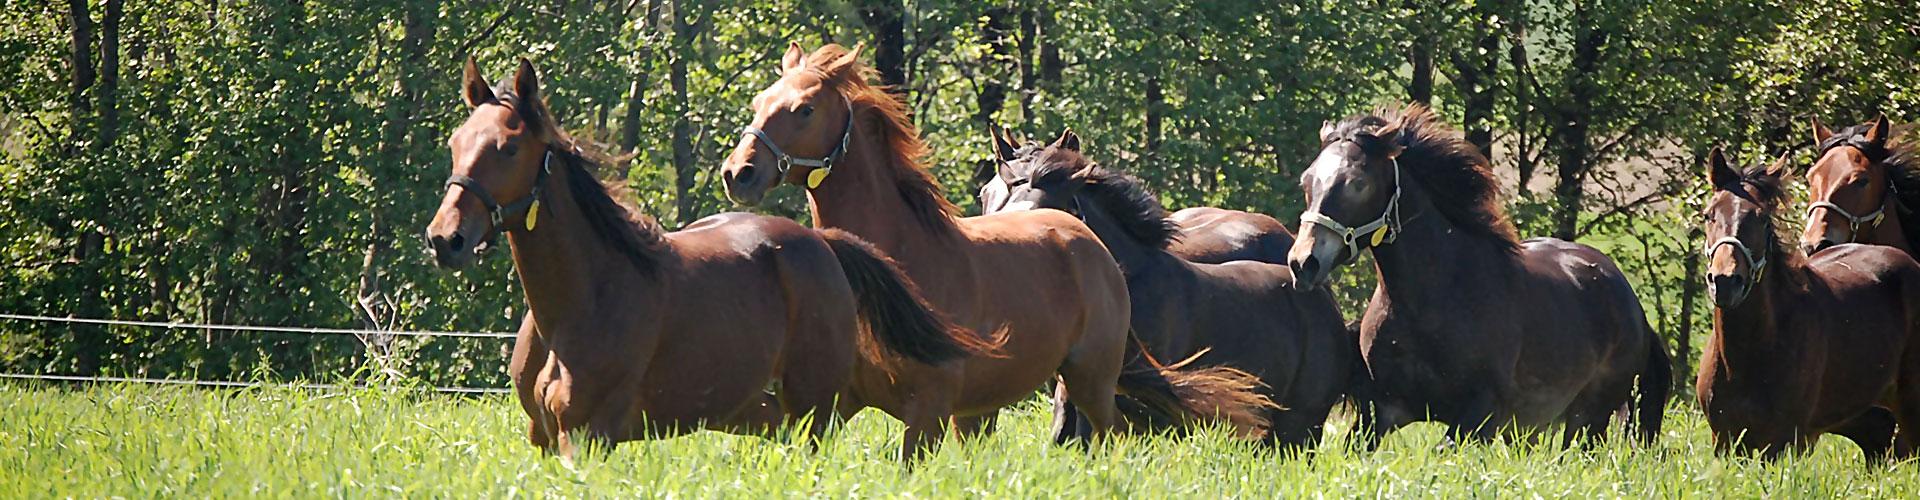 Hestene i full fart på beite